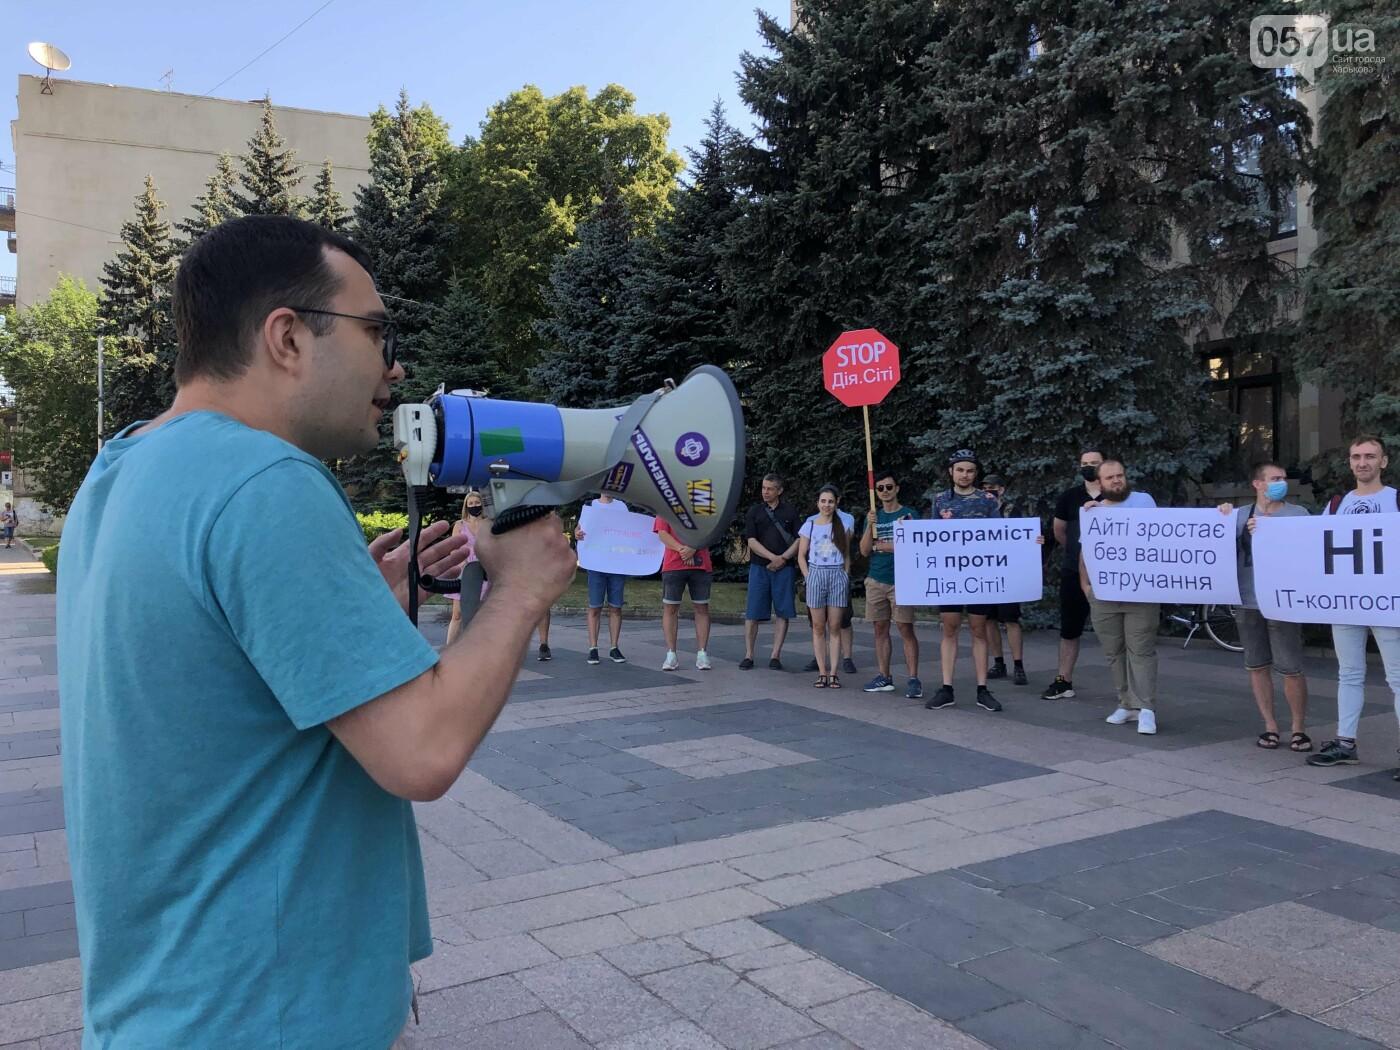 «Не уничтожайте IT в Украине»: в центре Харькова митинговали программисты, - ФОТОРЕПОРТАЖ, фото-3